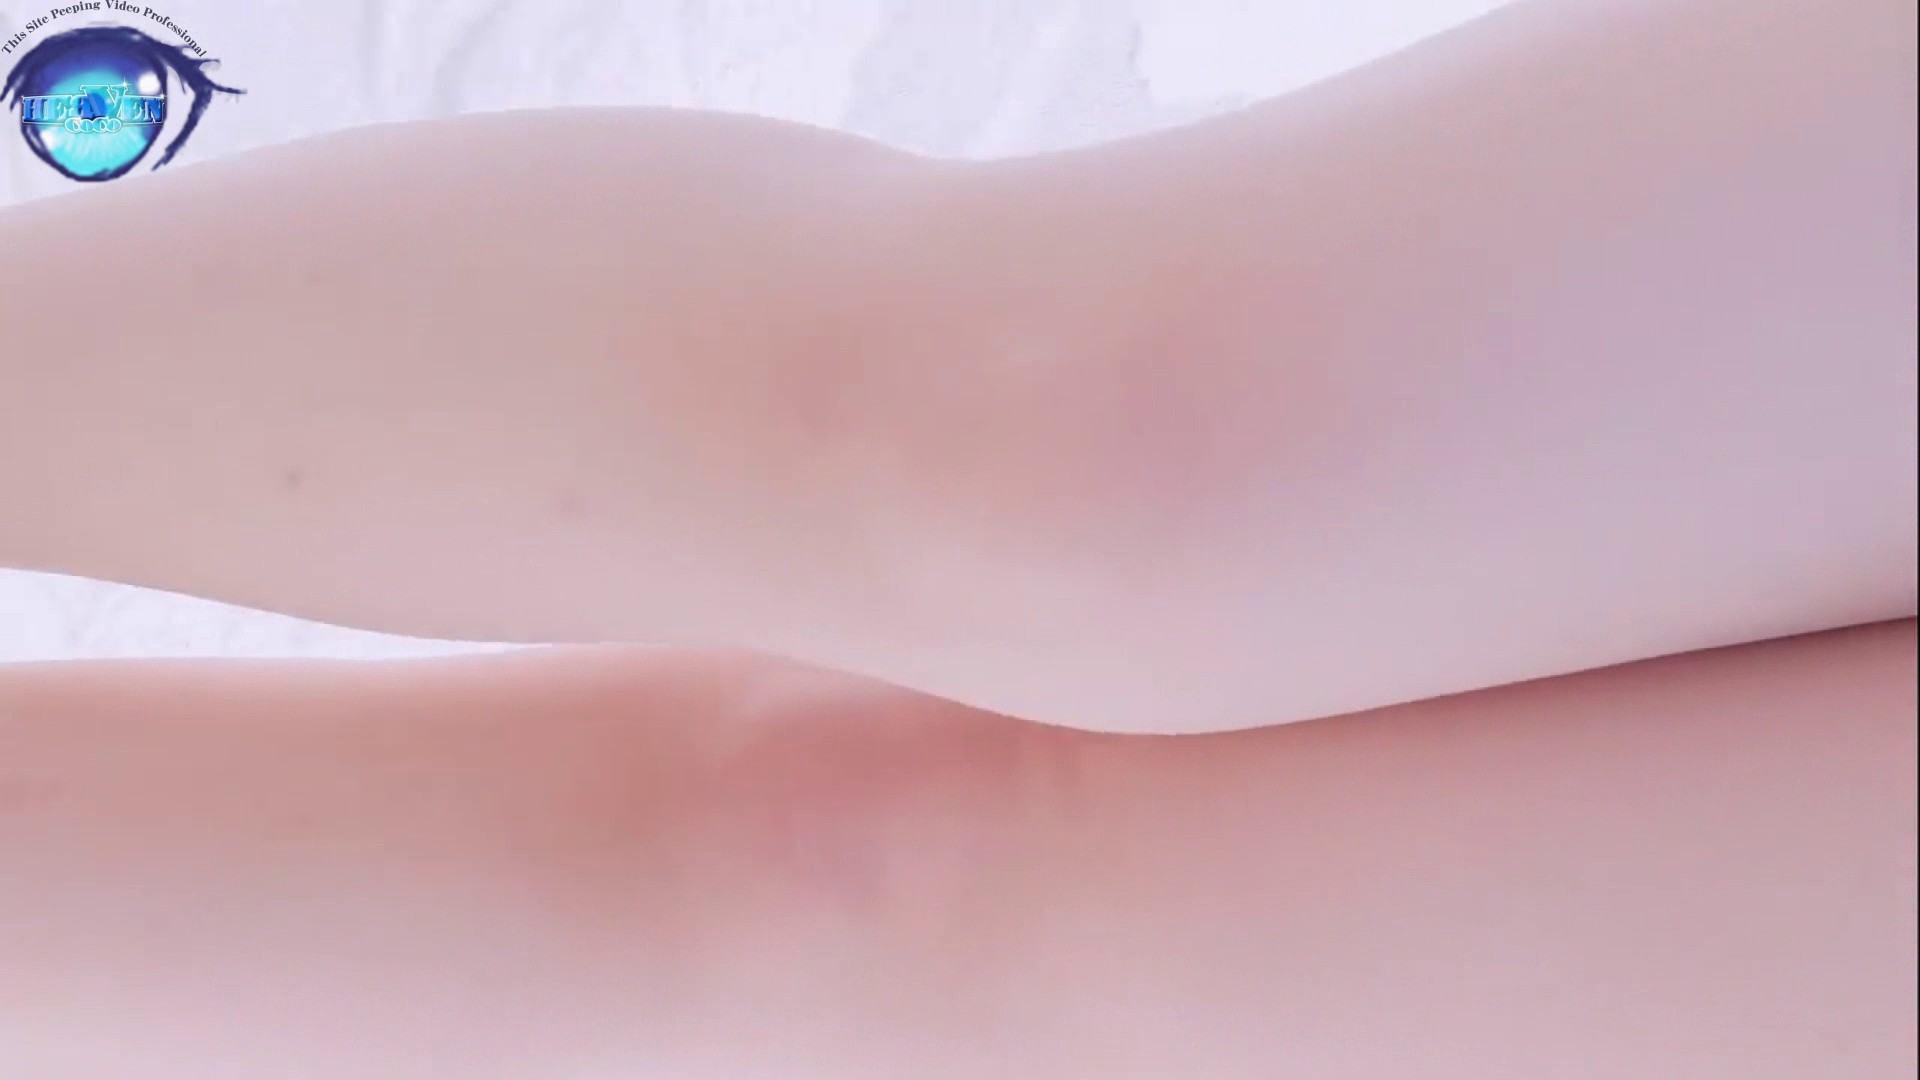 コスプレイヤー盗撮Vol.17 OL女体 オマンコ無修正動画無料 95連発 62